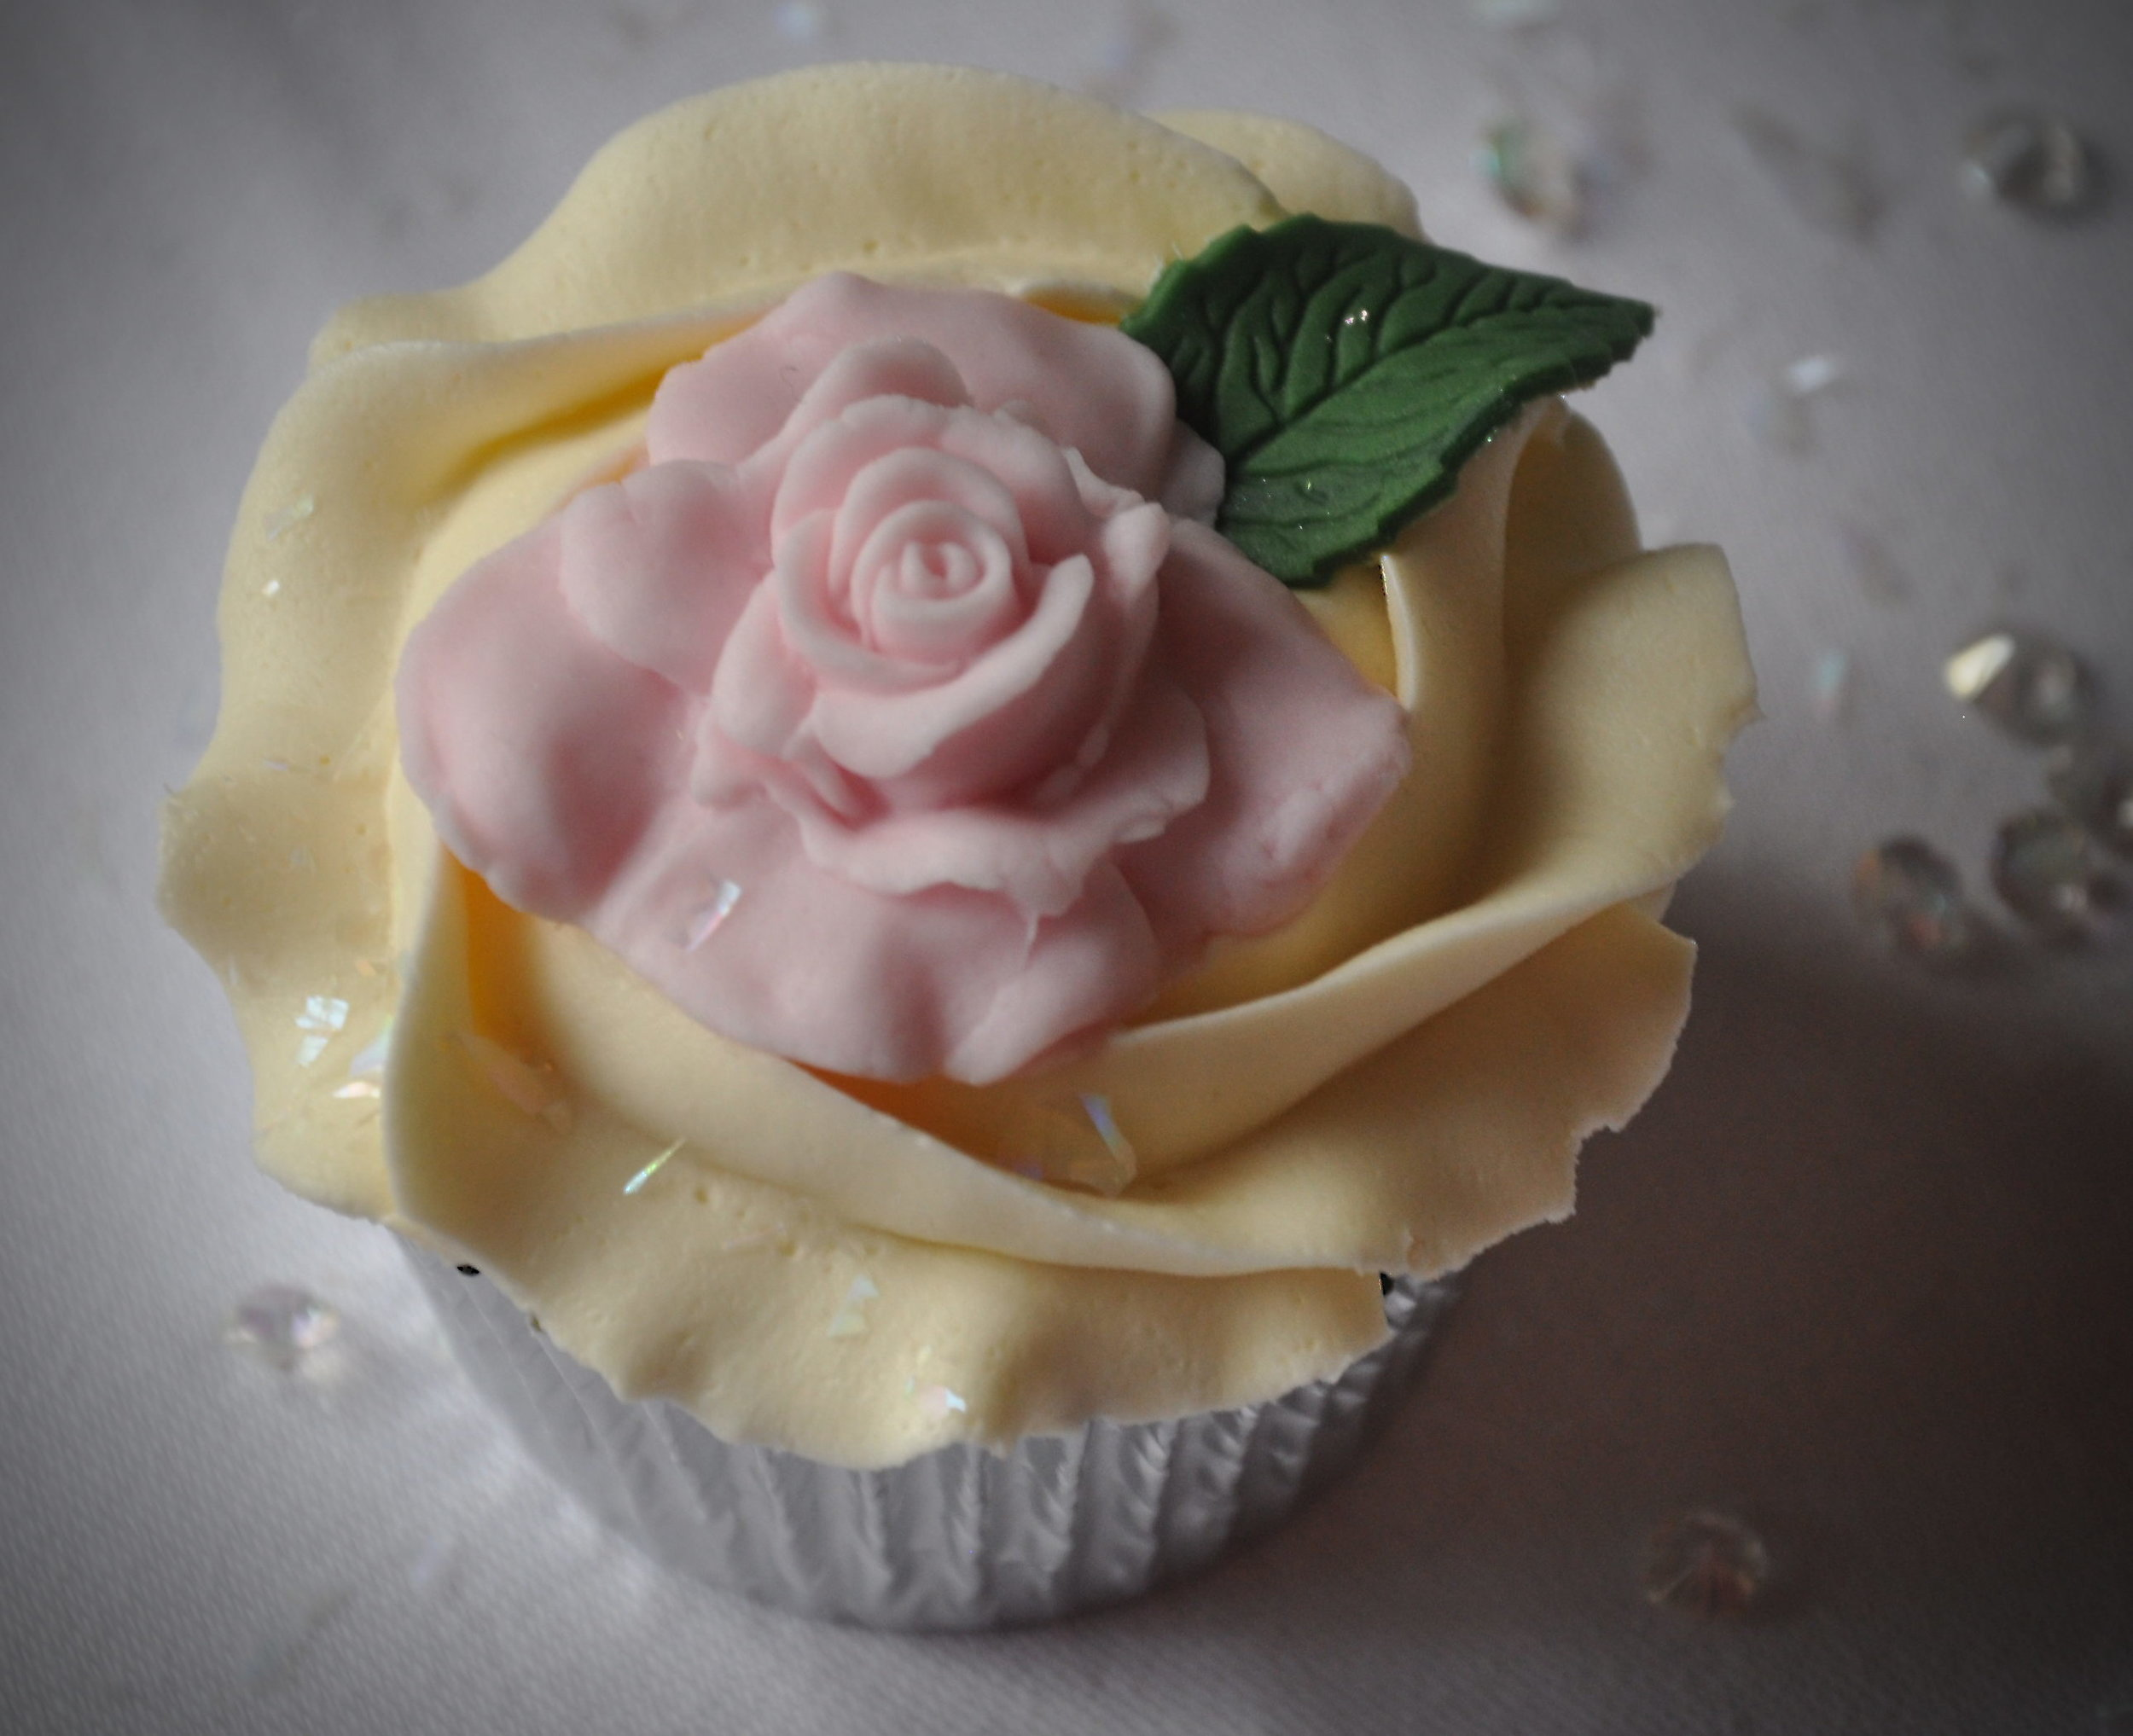 2014-02-08 Fairytale Castle Wedding Cupcakes 32_v1.JPG